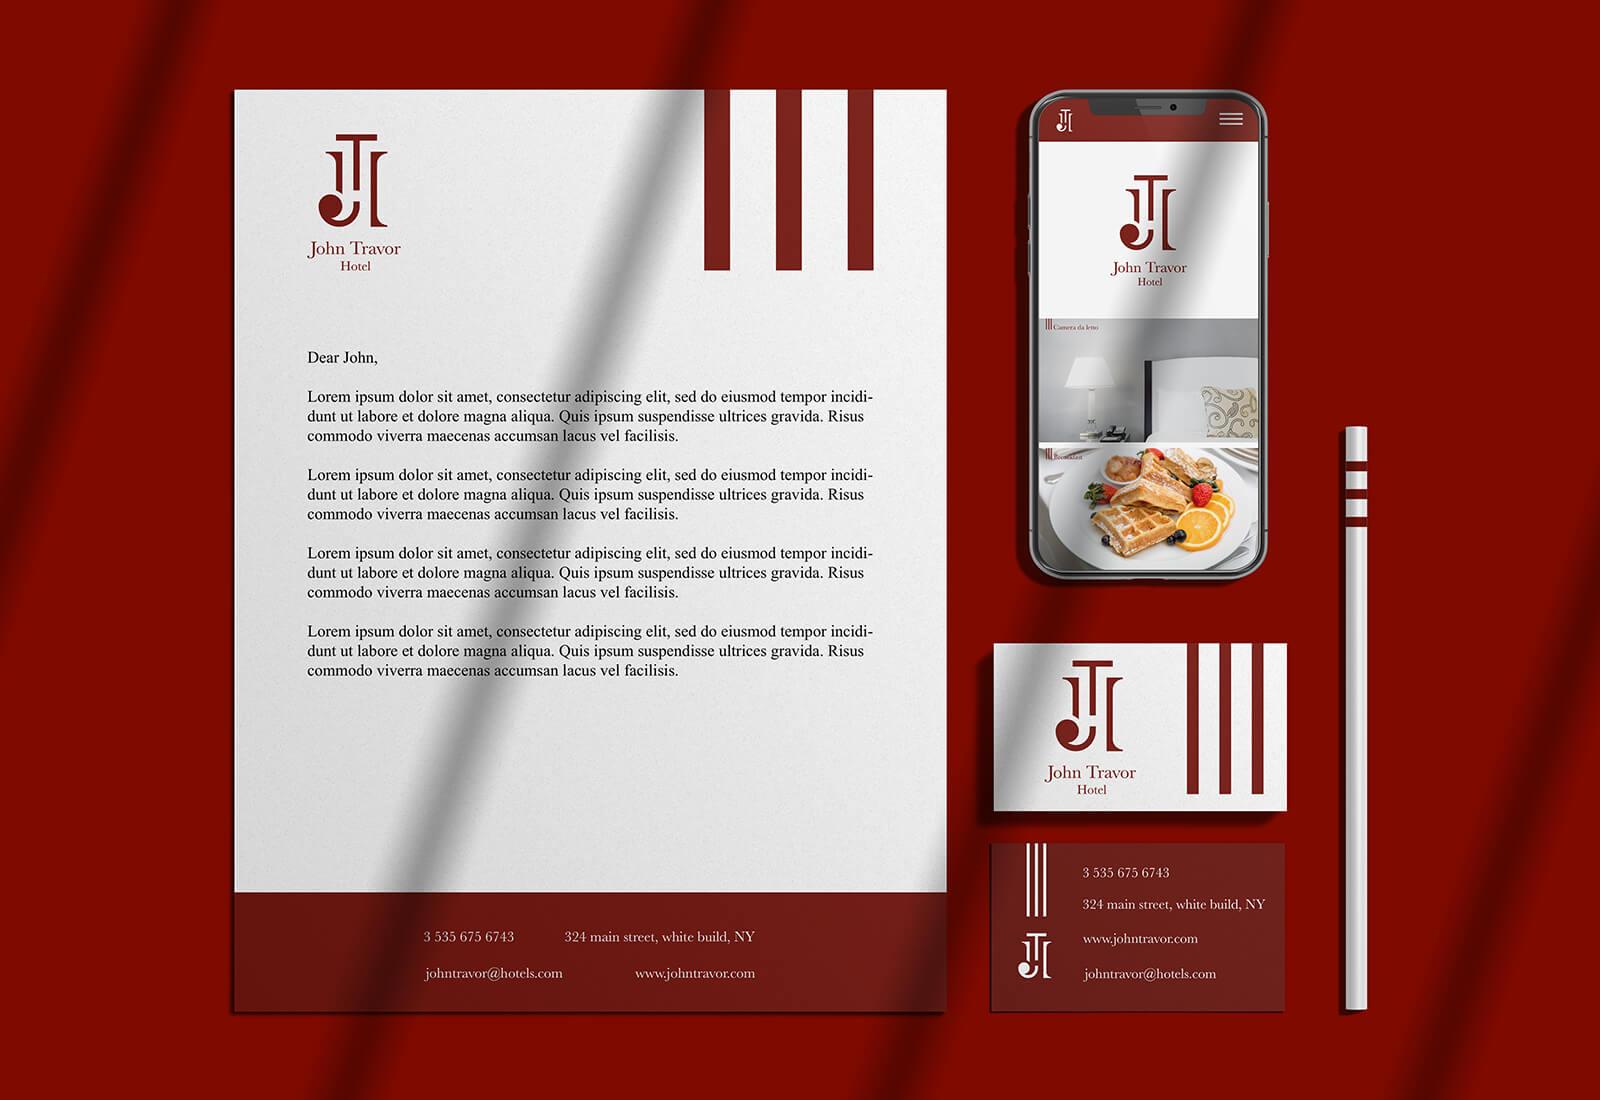 logo e brand identity design di john travor hotel su carta intestata e biglietto da visita bianchi e sul sito web visto su mobile. Tutti gli oggetti sono su sfondo bordeaux